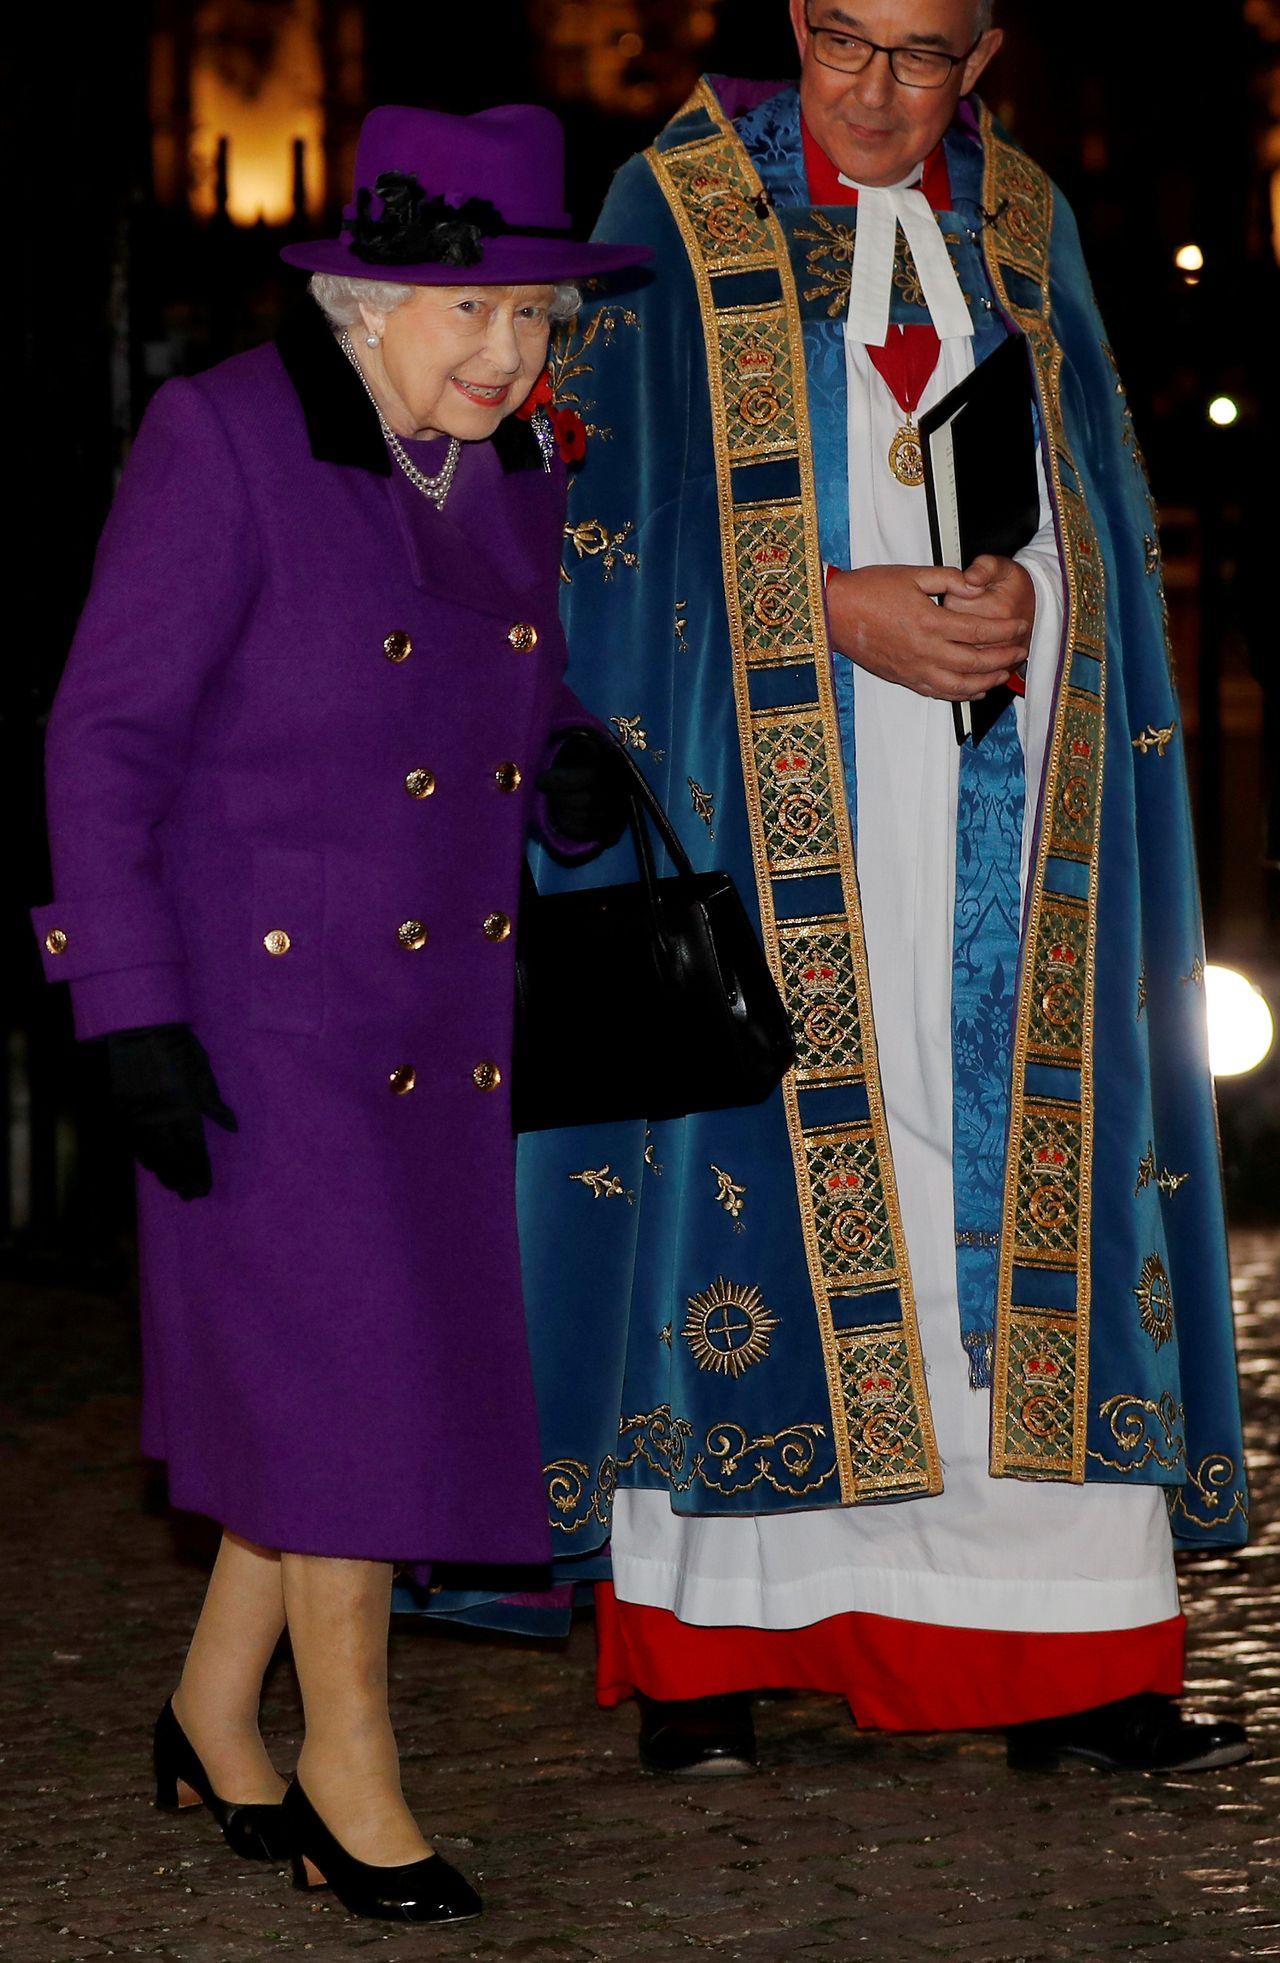 Dlaczego na zdjęciu urodzinowym księcia Karola nie ma królowej Elżbiety?